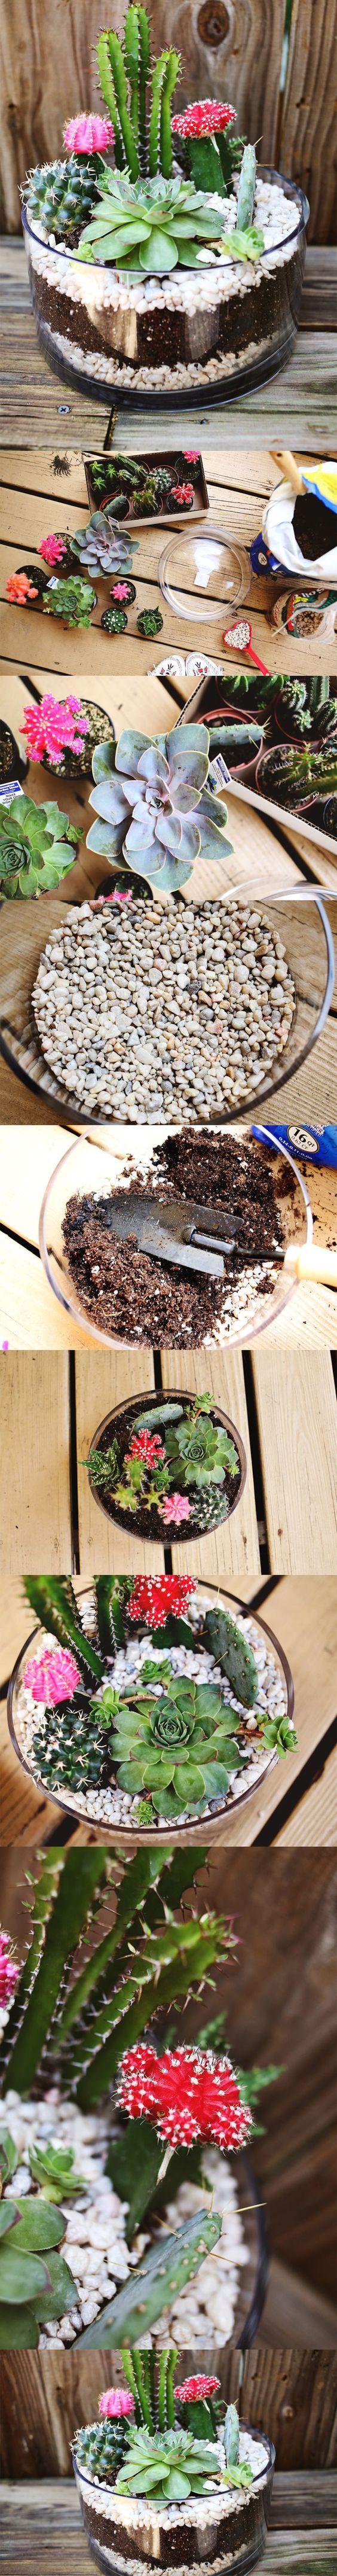 how to grow cactus terraria